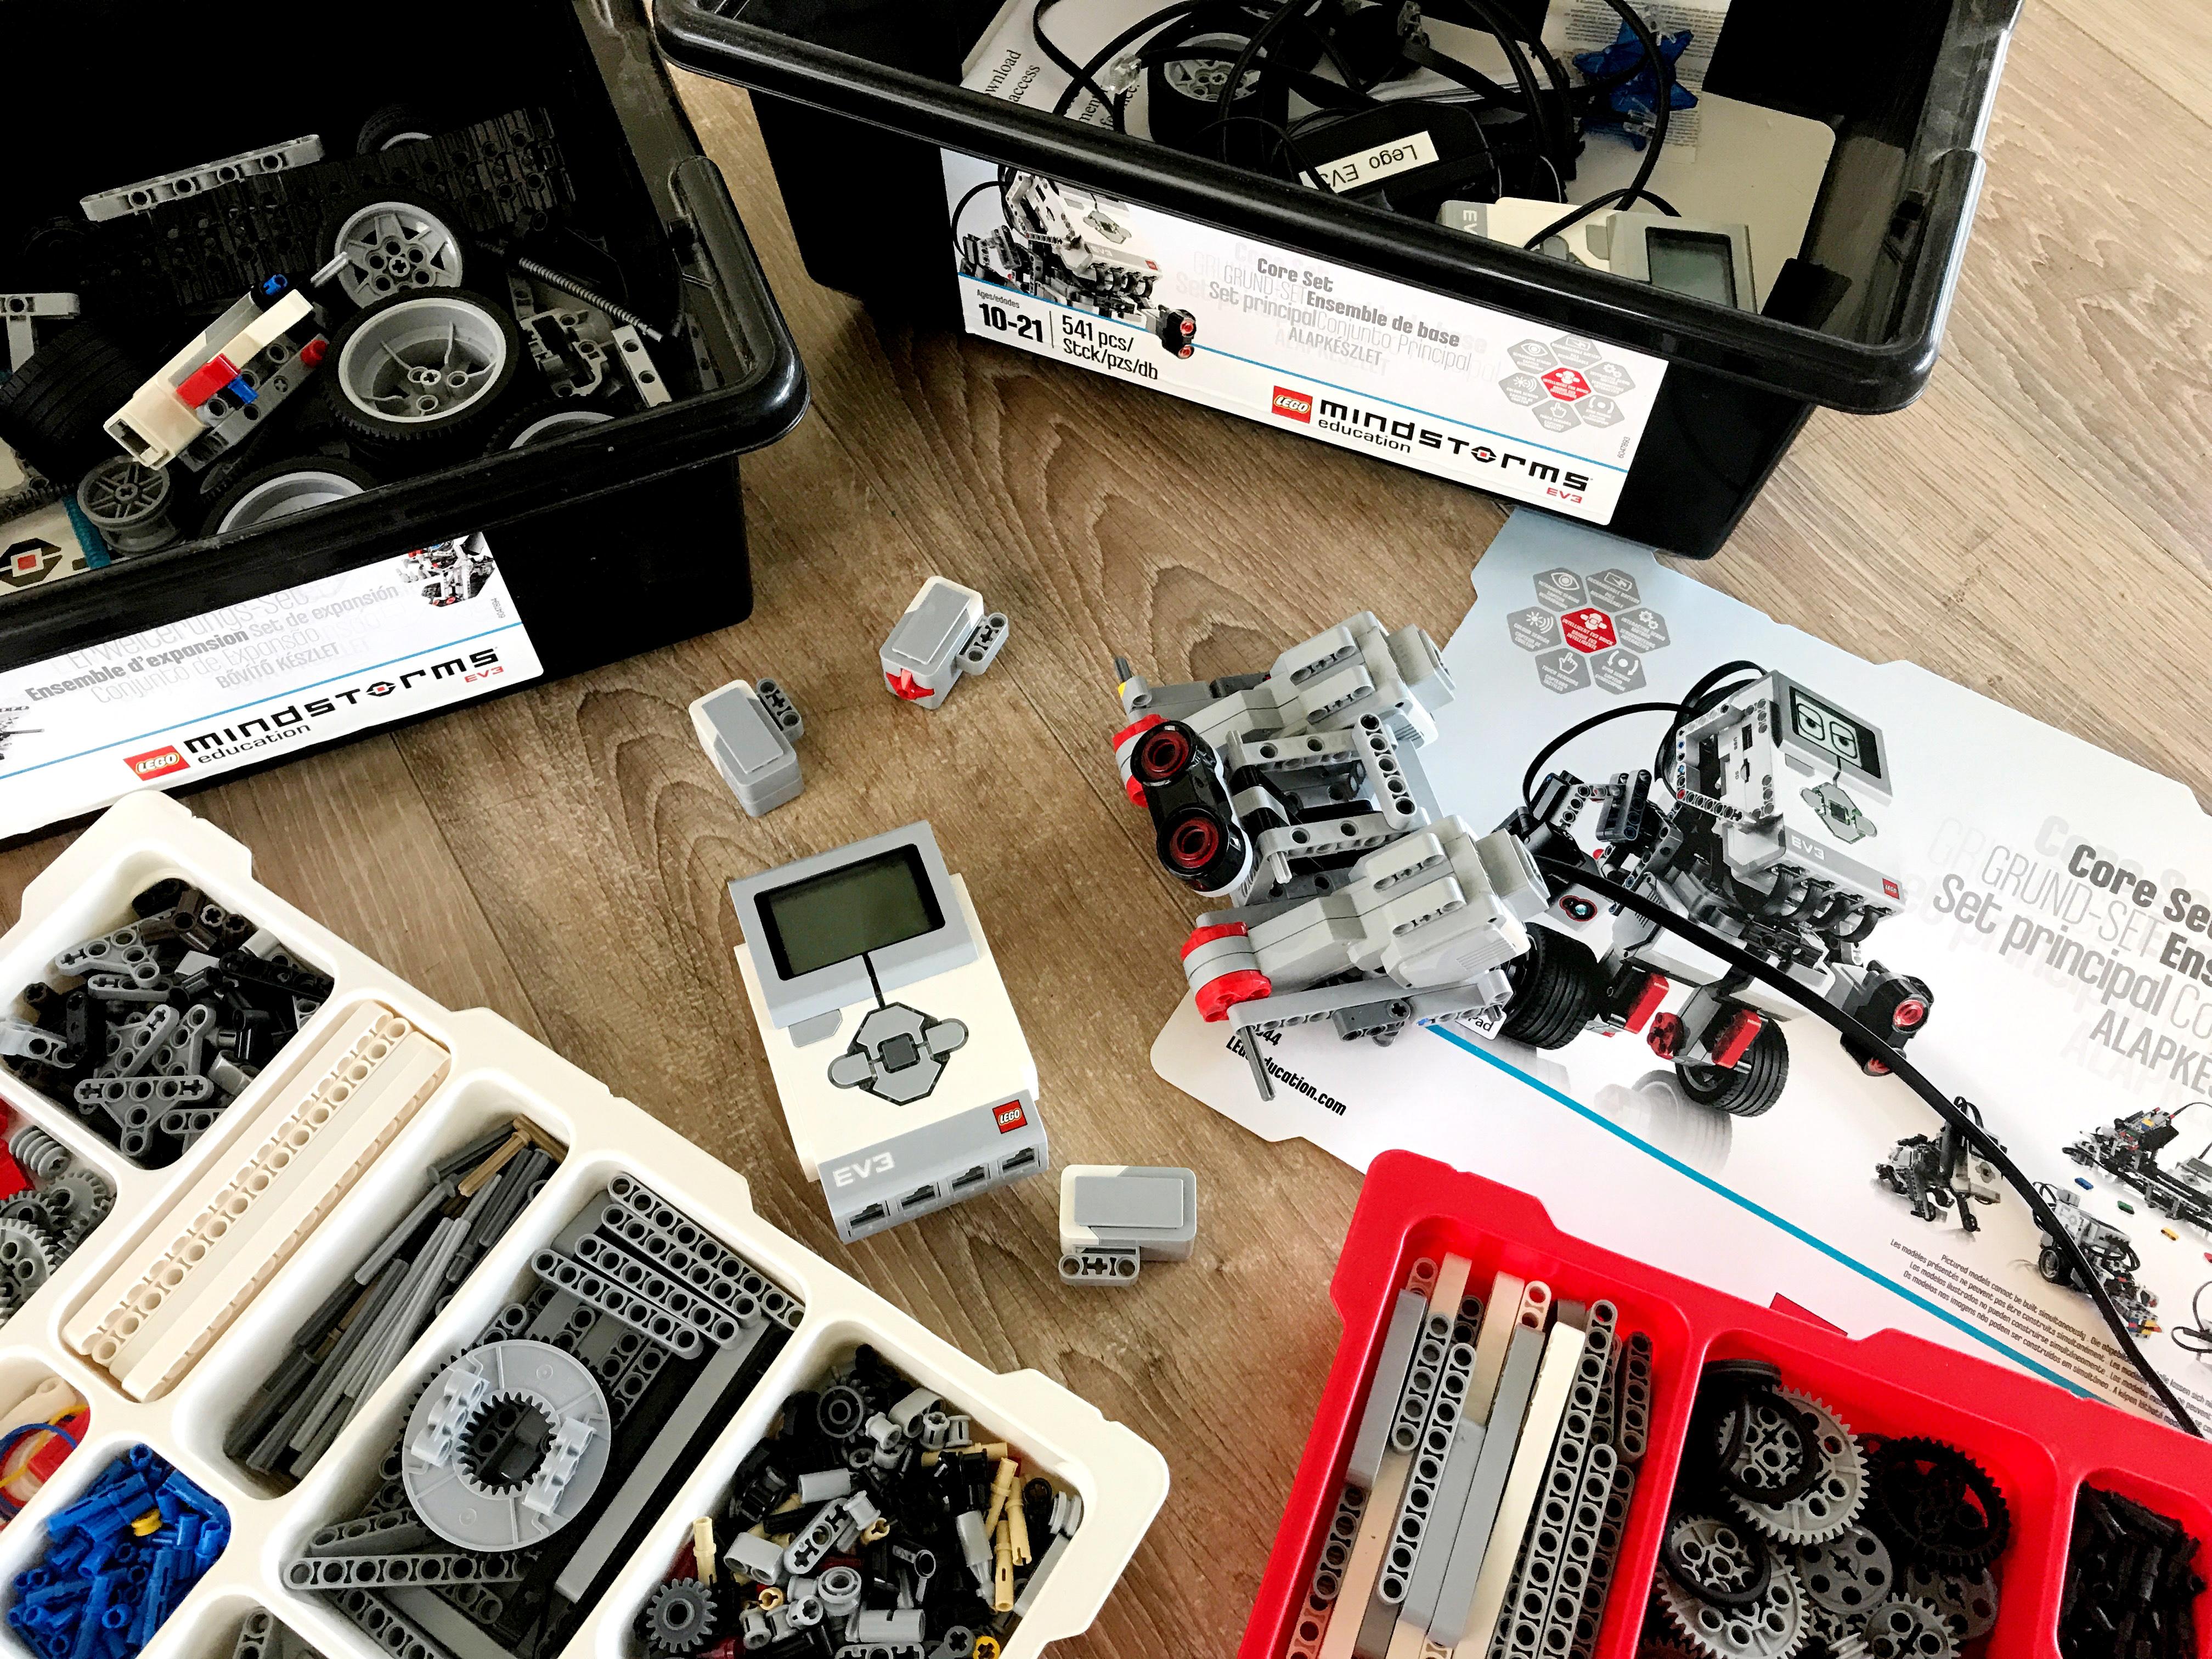 Lego Mindstorms Worshops